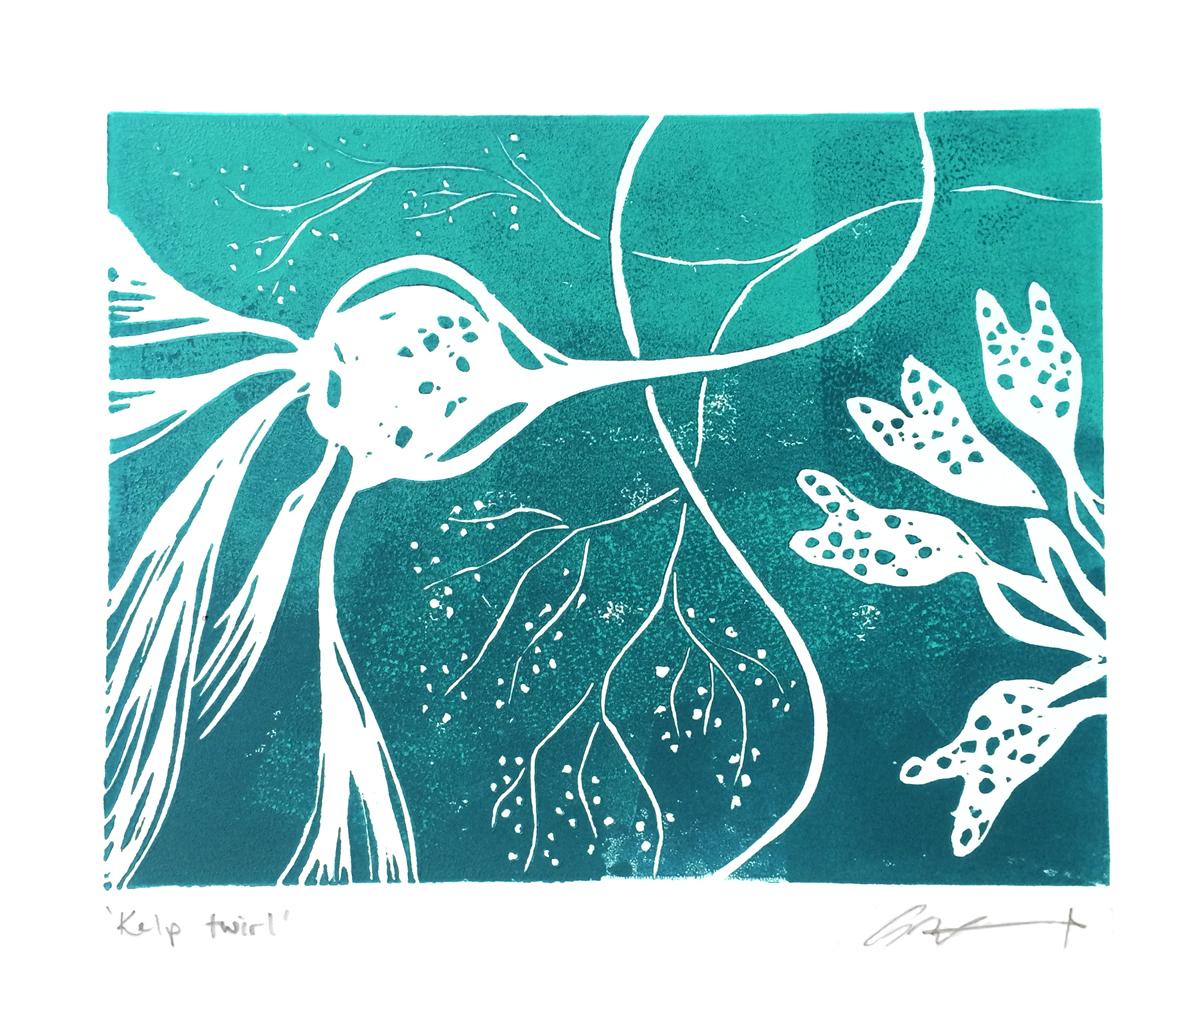 kelp twirl